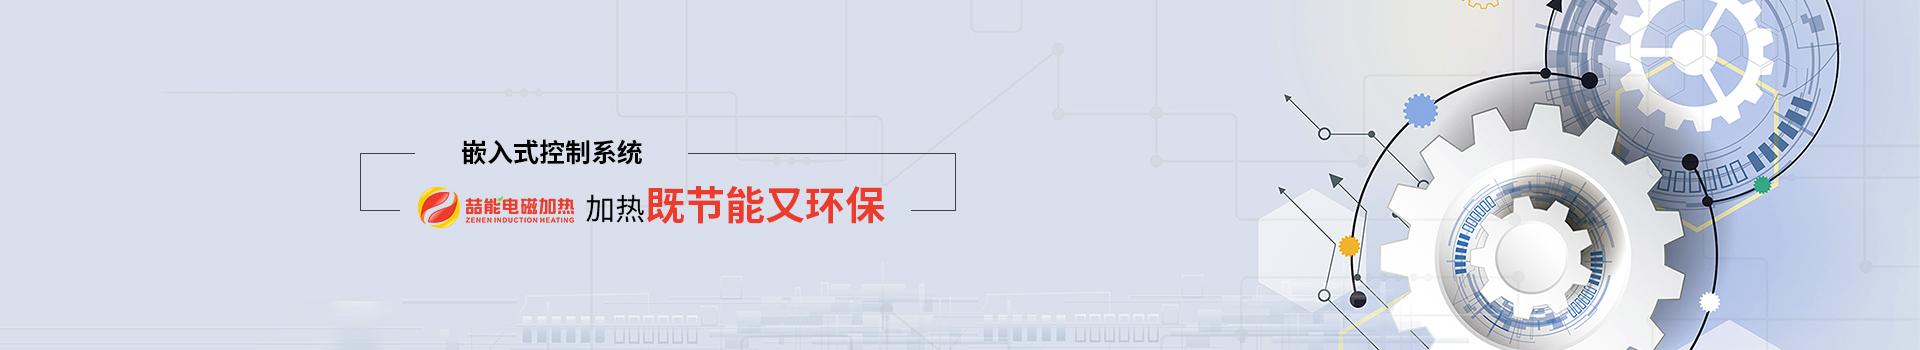 喆能电子:嵌入式控制系统,加热既节能又环保